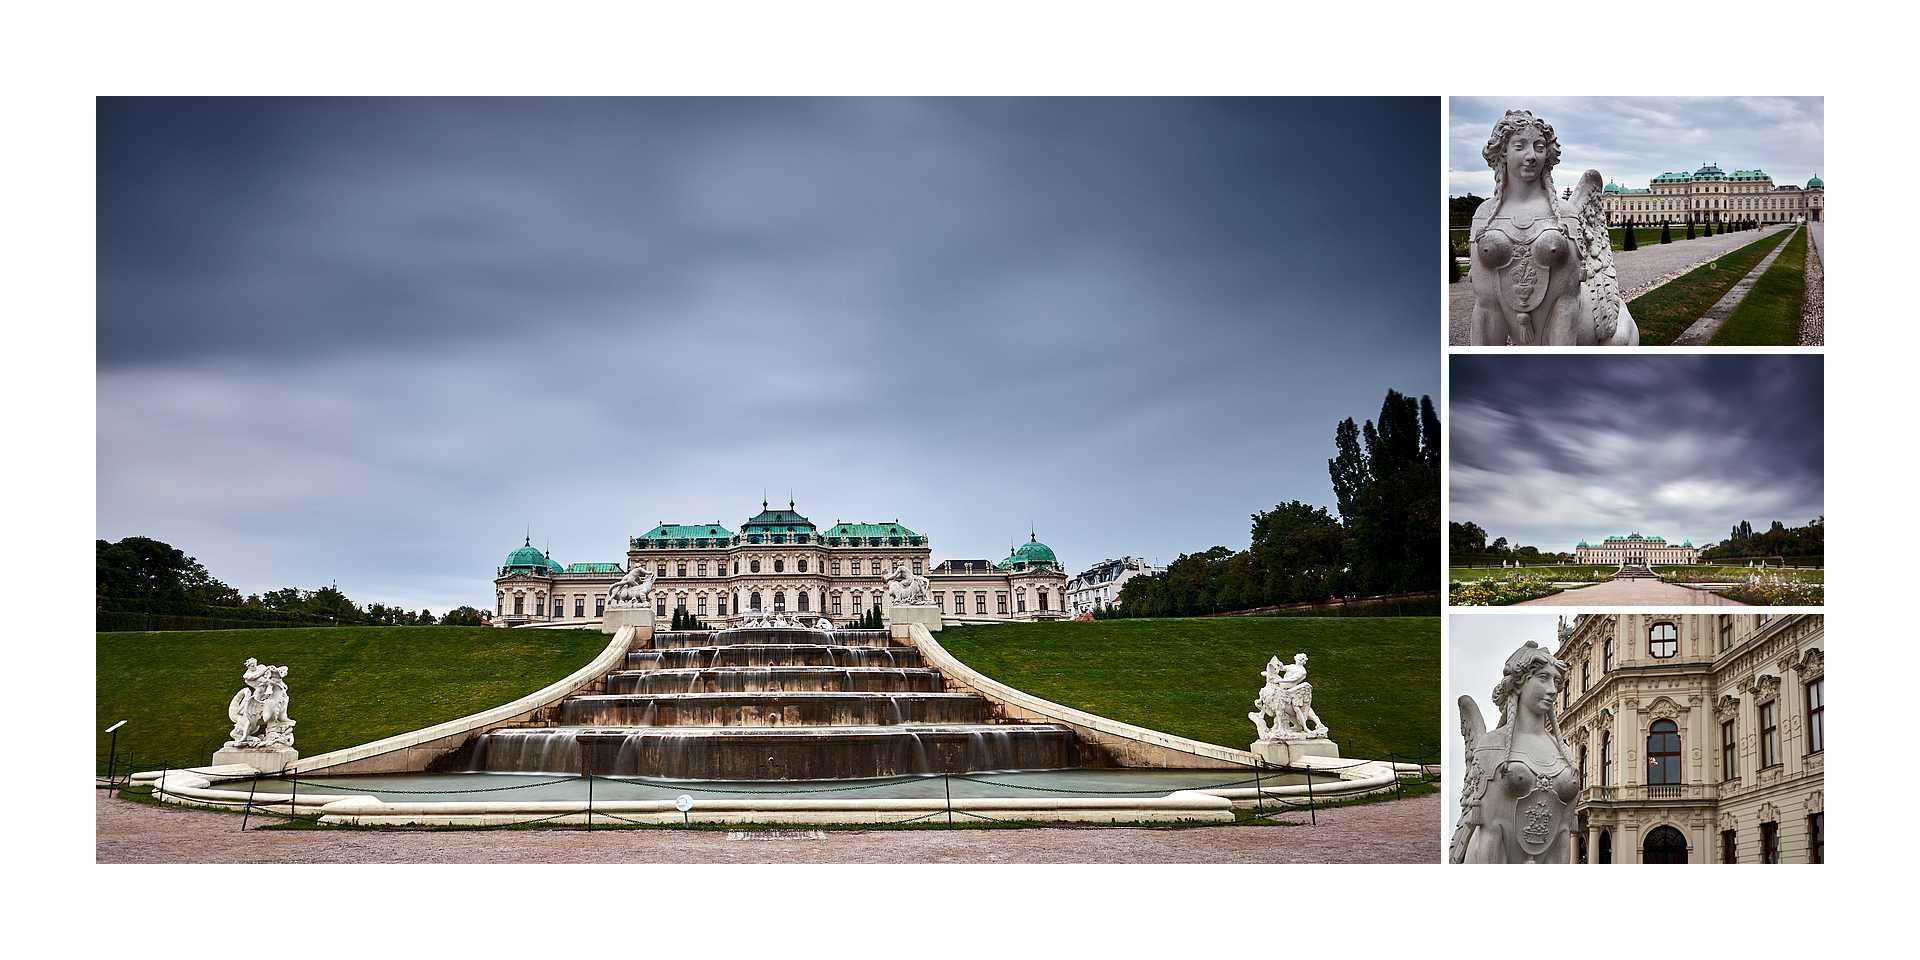 Live your Life - Descubre Viena - Palacio de Belvedere